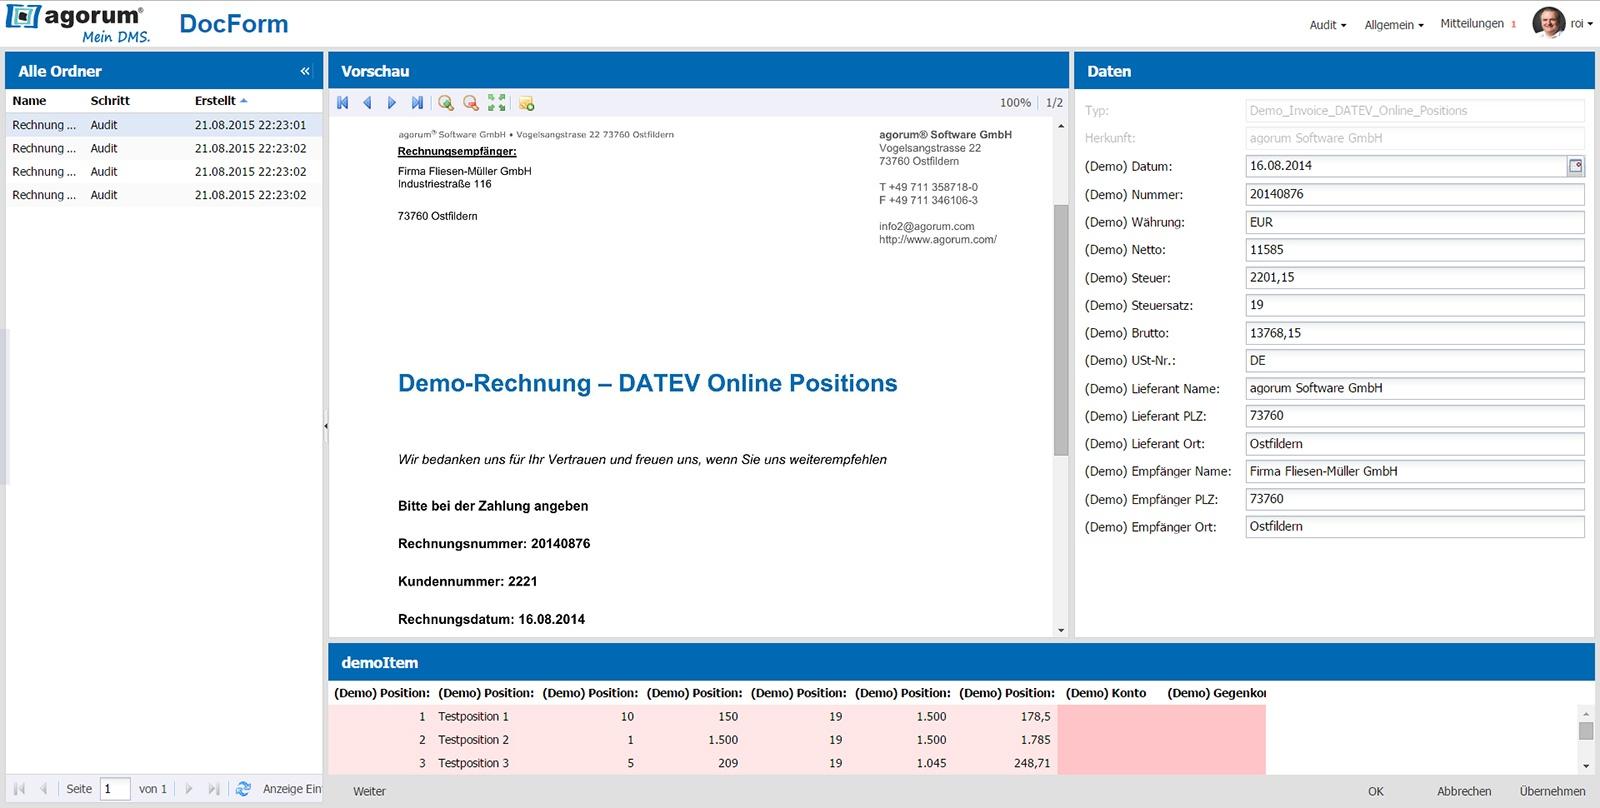 Rechnungsansicht in der Mitte, links die automatisch erfassten Metadaten.